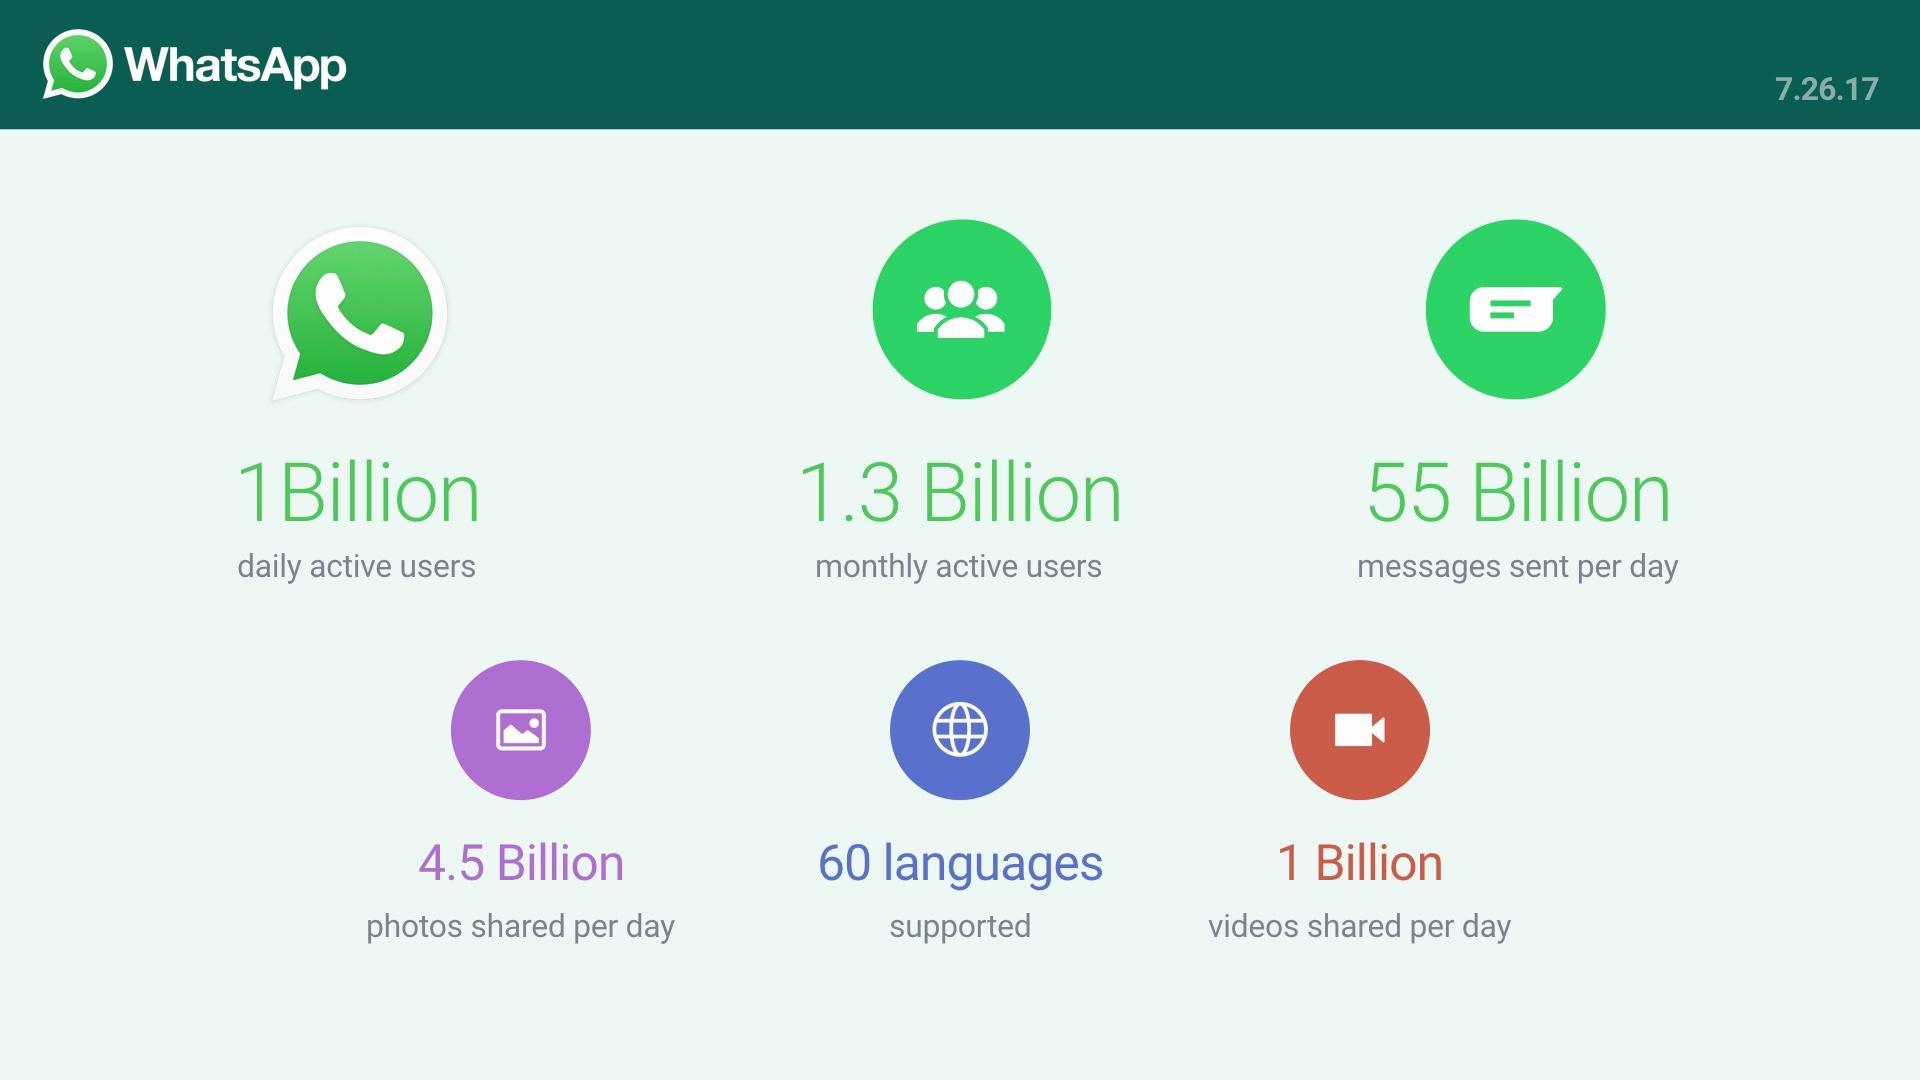 whatsapp marketing-1.jpeg